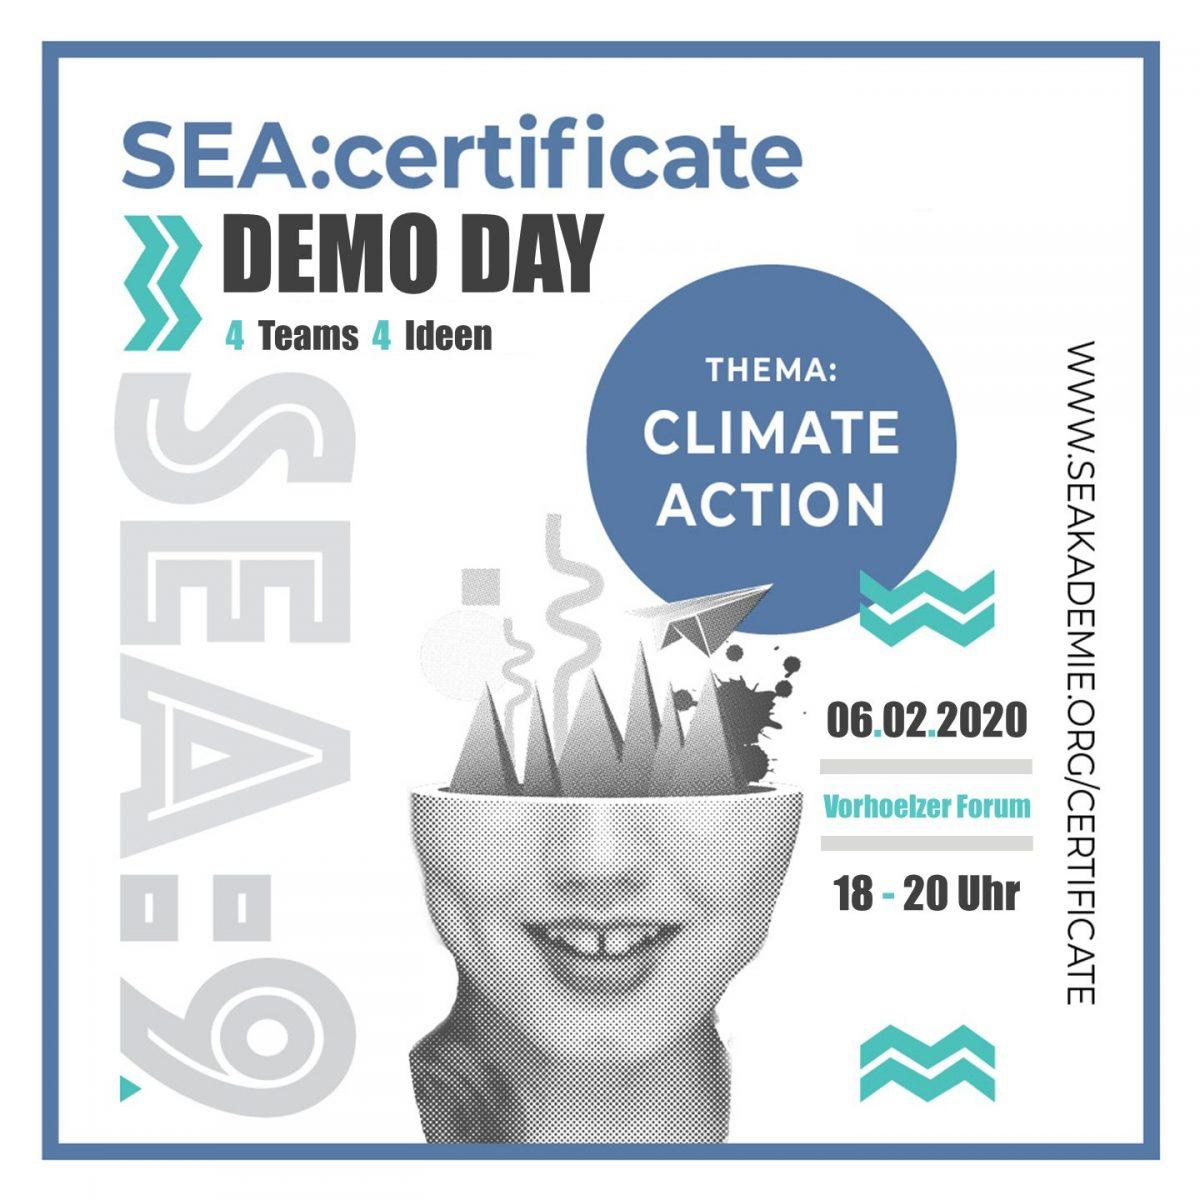 DEMO DAY des SEA:certificate